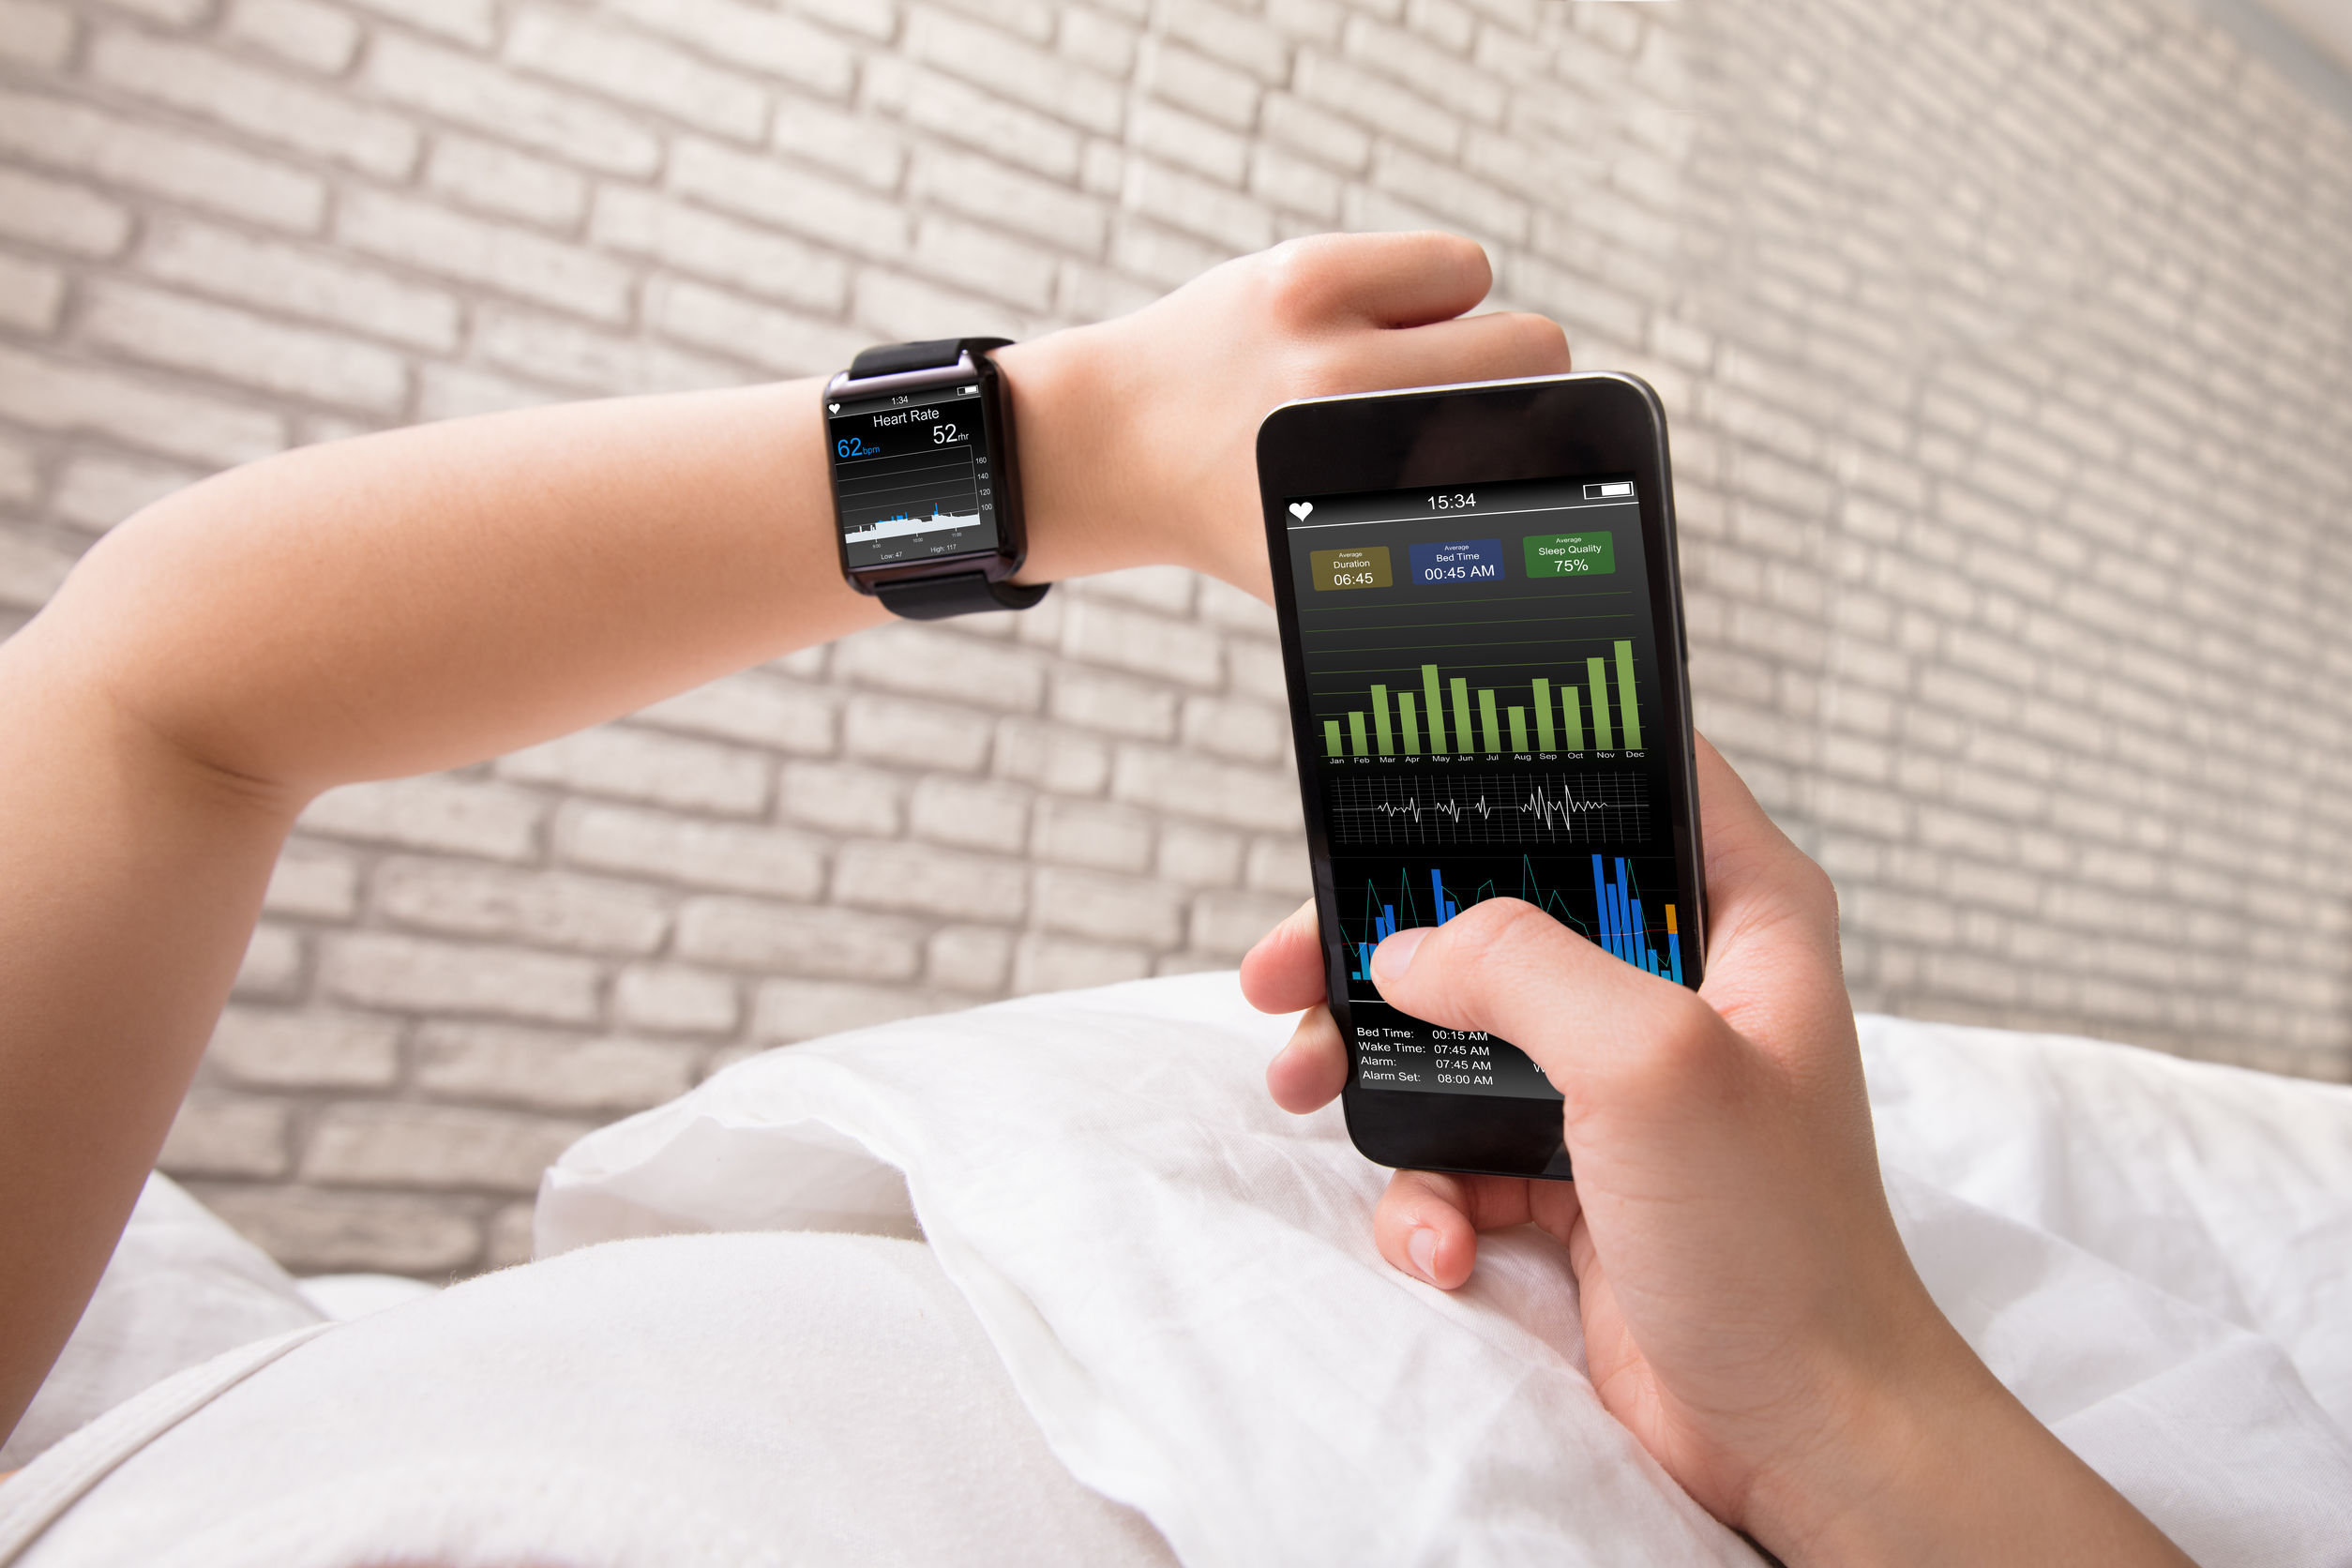 Pessoa deitada conferindo os batimentos cardíacos no relógio e no celular